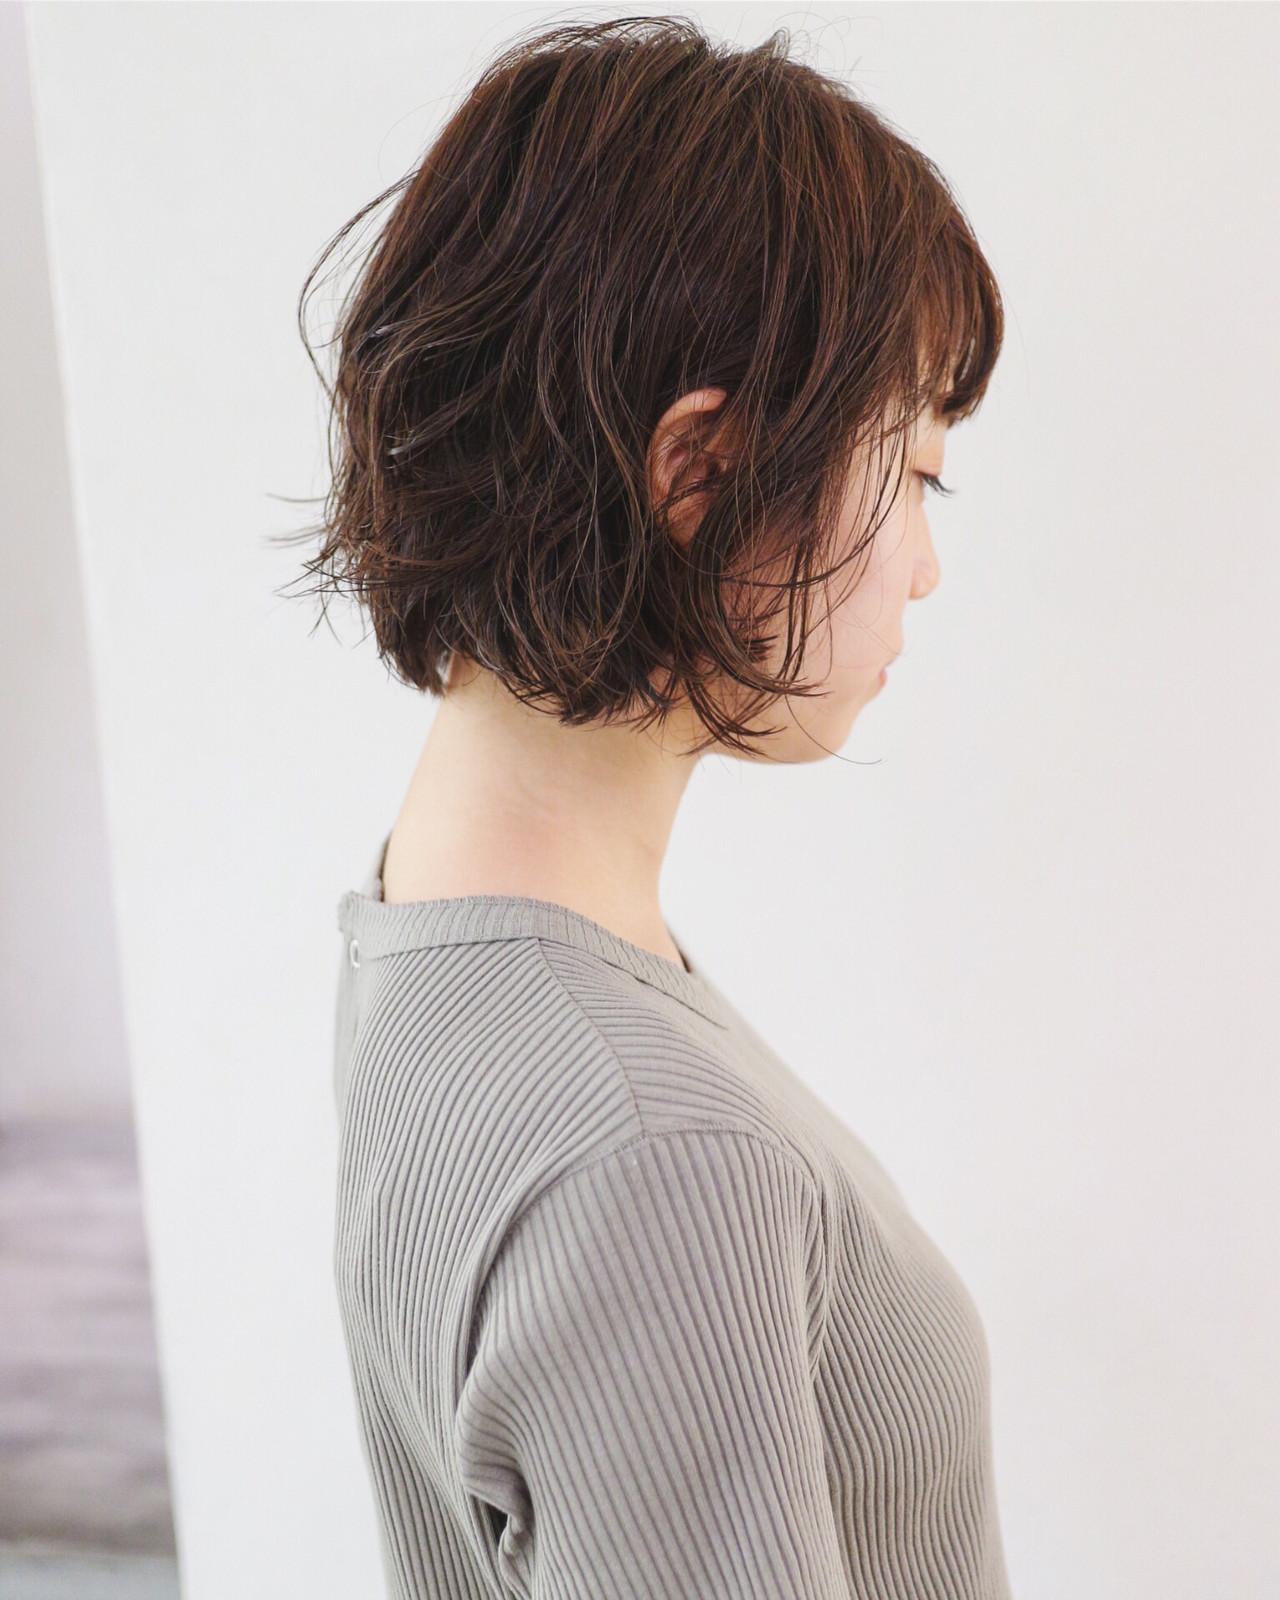 グレージュ ウェット感 ウェットヘア アッシュグレージュ ヘアスタイルや髪型の写真・画像